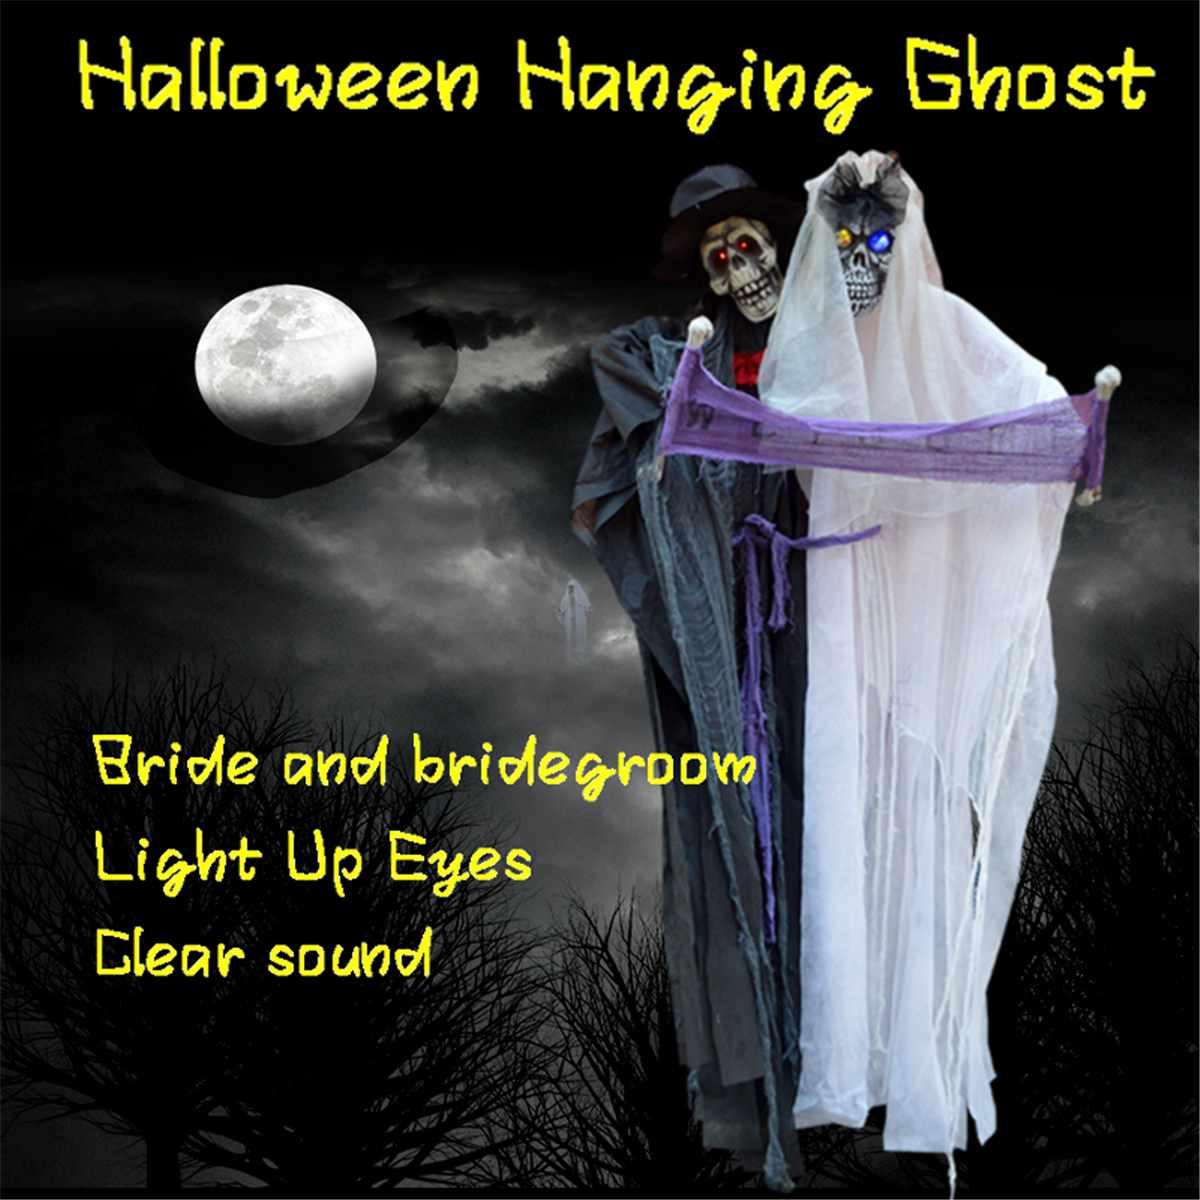 Nouveau Halloween décoration suspendue mariée marié fantôme fête Prop éclairer les yeux hantés maison Halloween décorations 180*80 cm